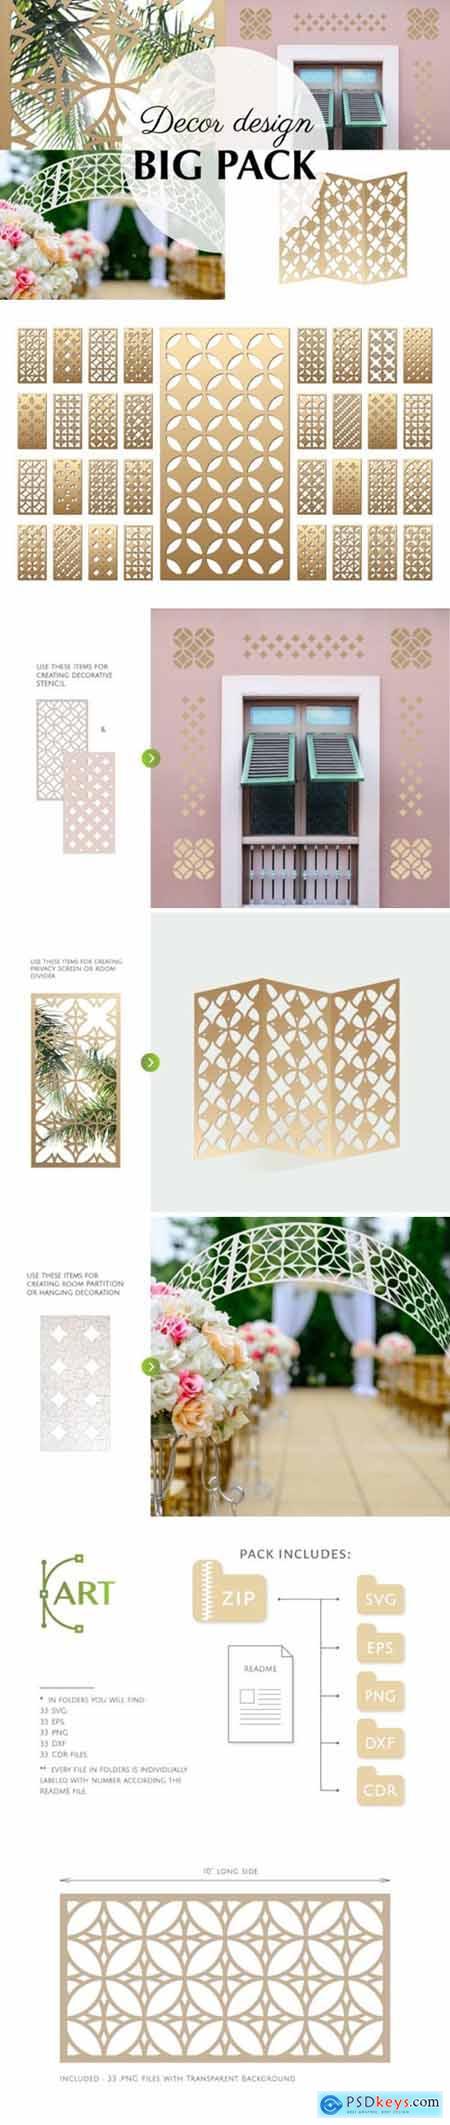 33 Templates Arab Geometric Pattern 3043089